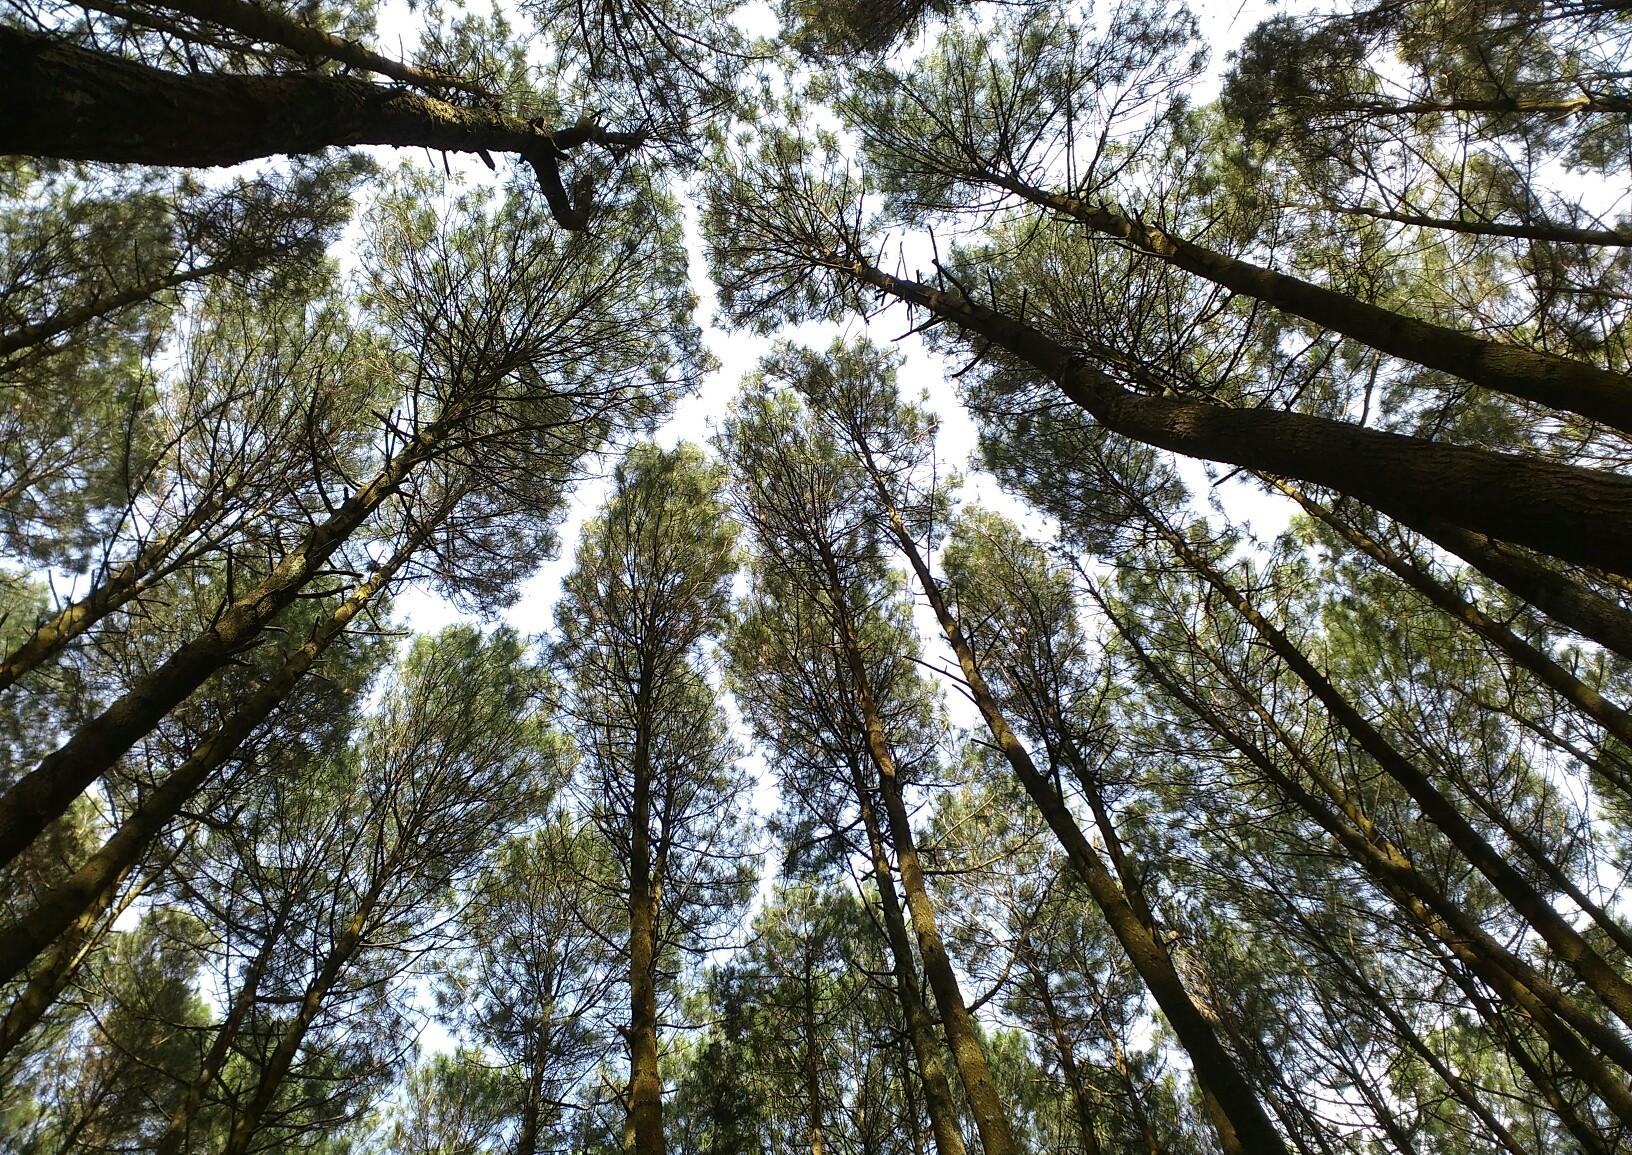 Tempat Wisata Alam Agrowisata Temanjang Blora Jateng Sejarah Kab